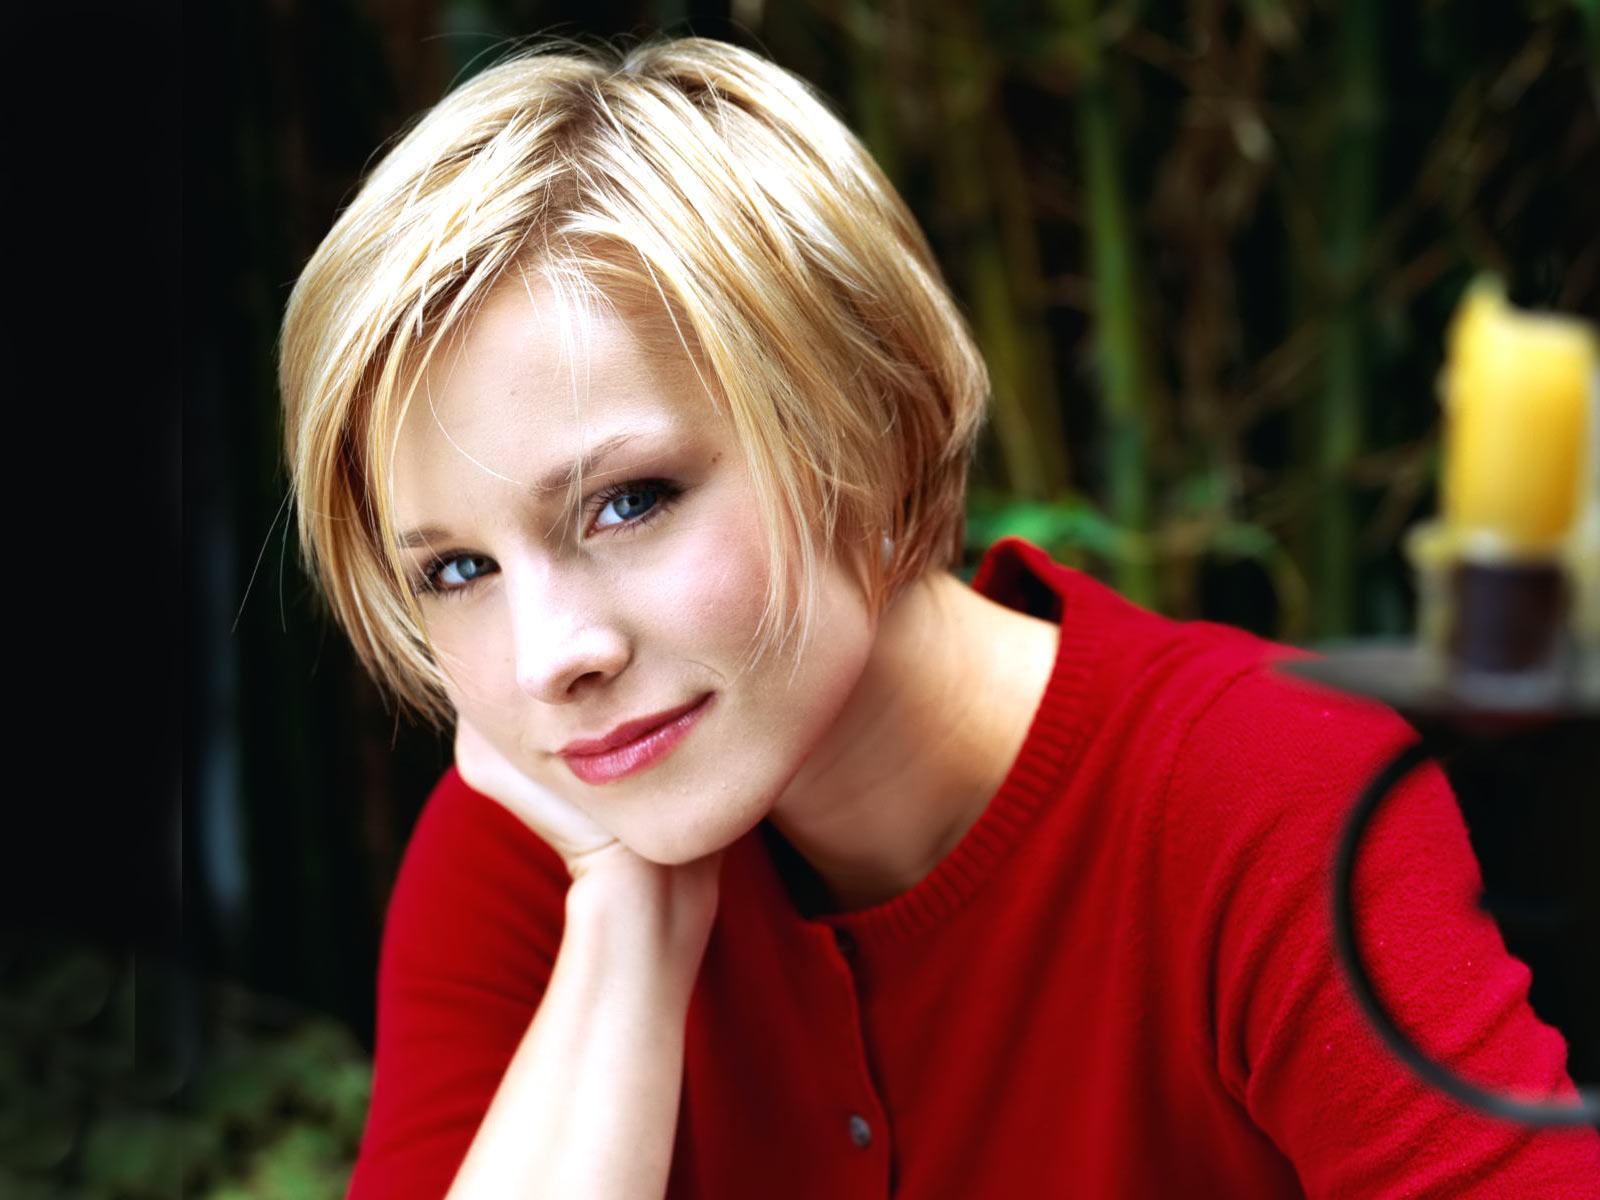 http://4.bp.blogspot.com/-bDeUdgWKvis/UOS8aLl-ppI/AAAAAAAAKrE/hyydKM6qG_w/s1600/Kristen_Bell.jpg